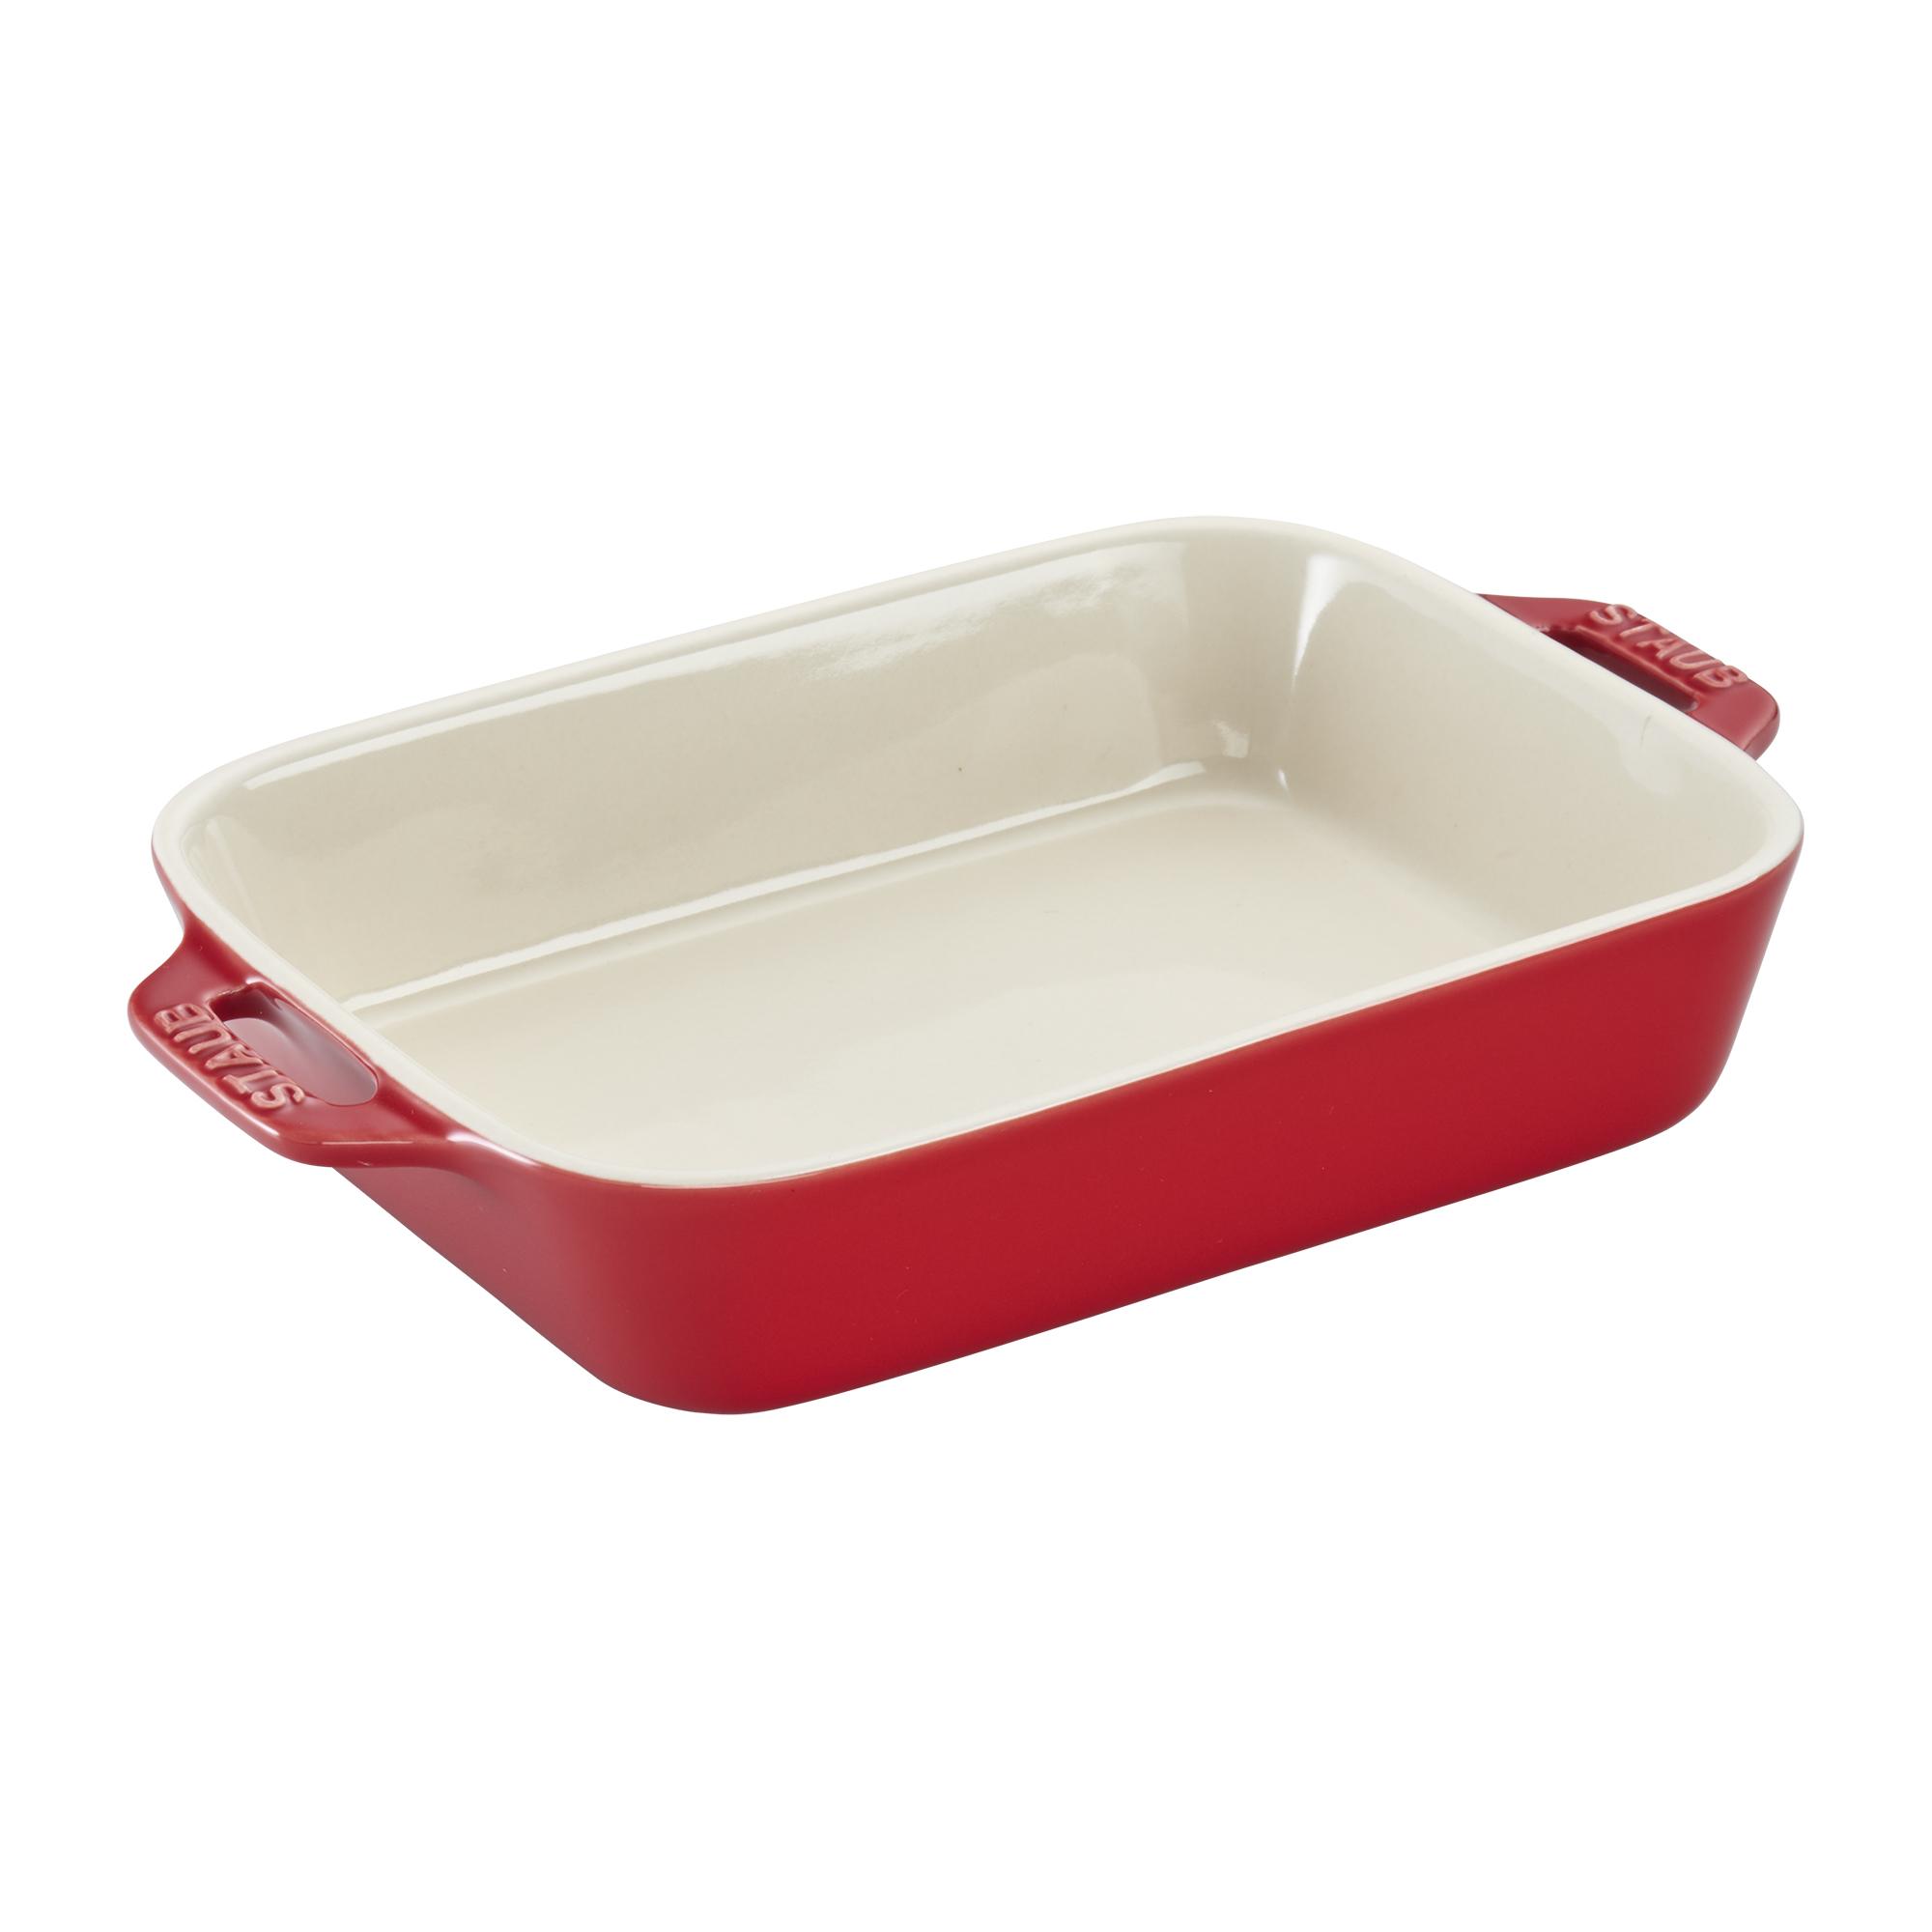 Staub Ceramic 7.5-inch x 6-inch Rectangular Baking Dish - Cherry